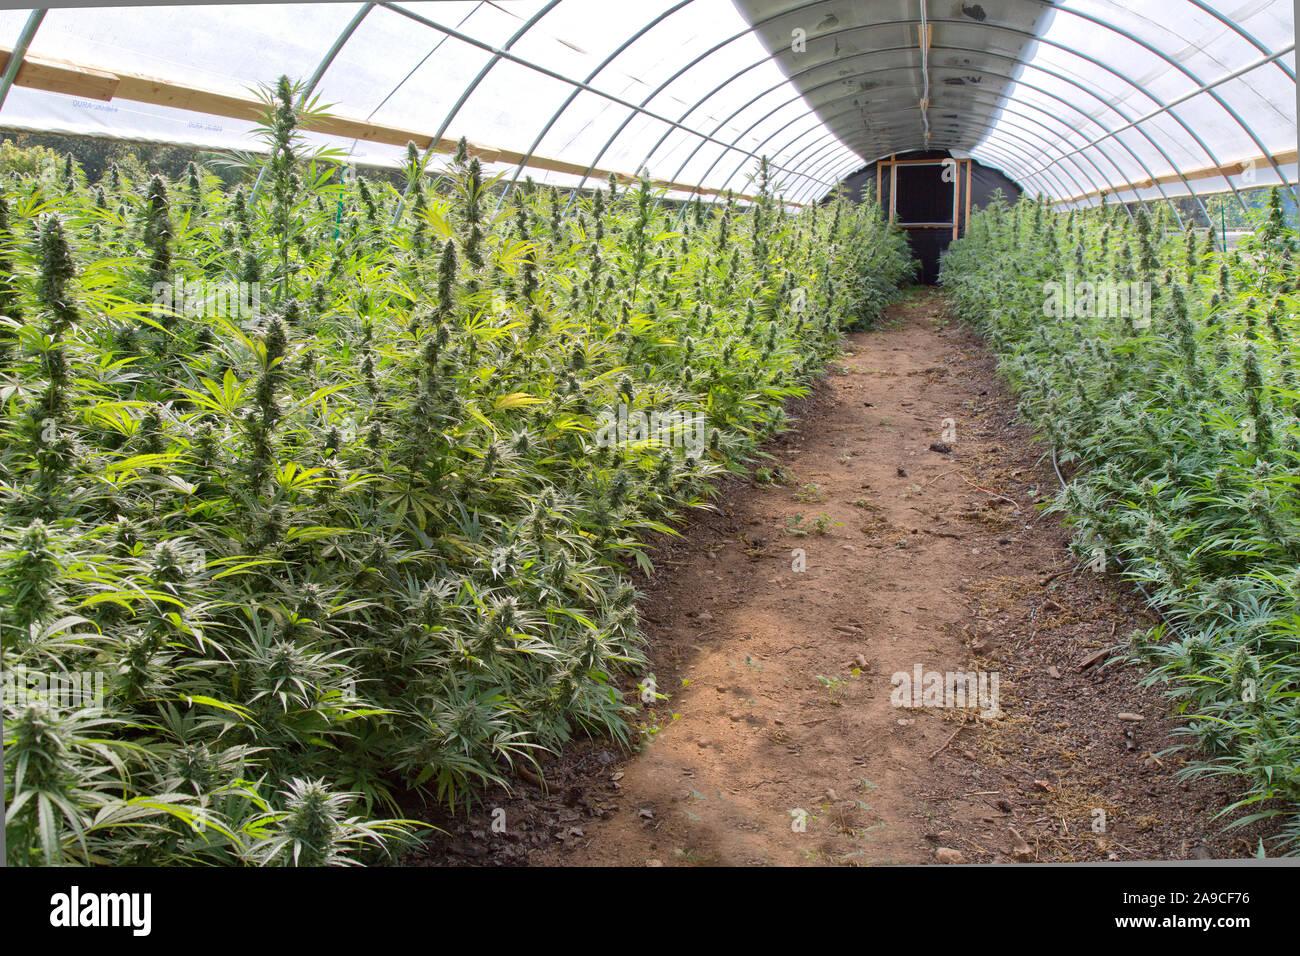 Maduración de cáñamo orgánico en invernadero. Lado izquierdo 'Lifter', 'Suver cepa derecha Haze'. Cannabis sativa. Foto de stock